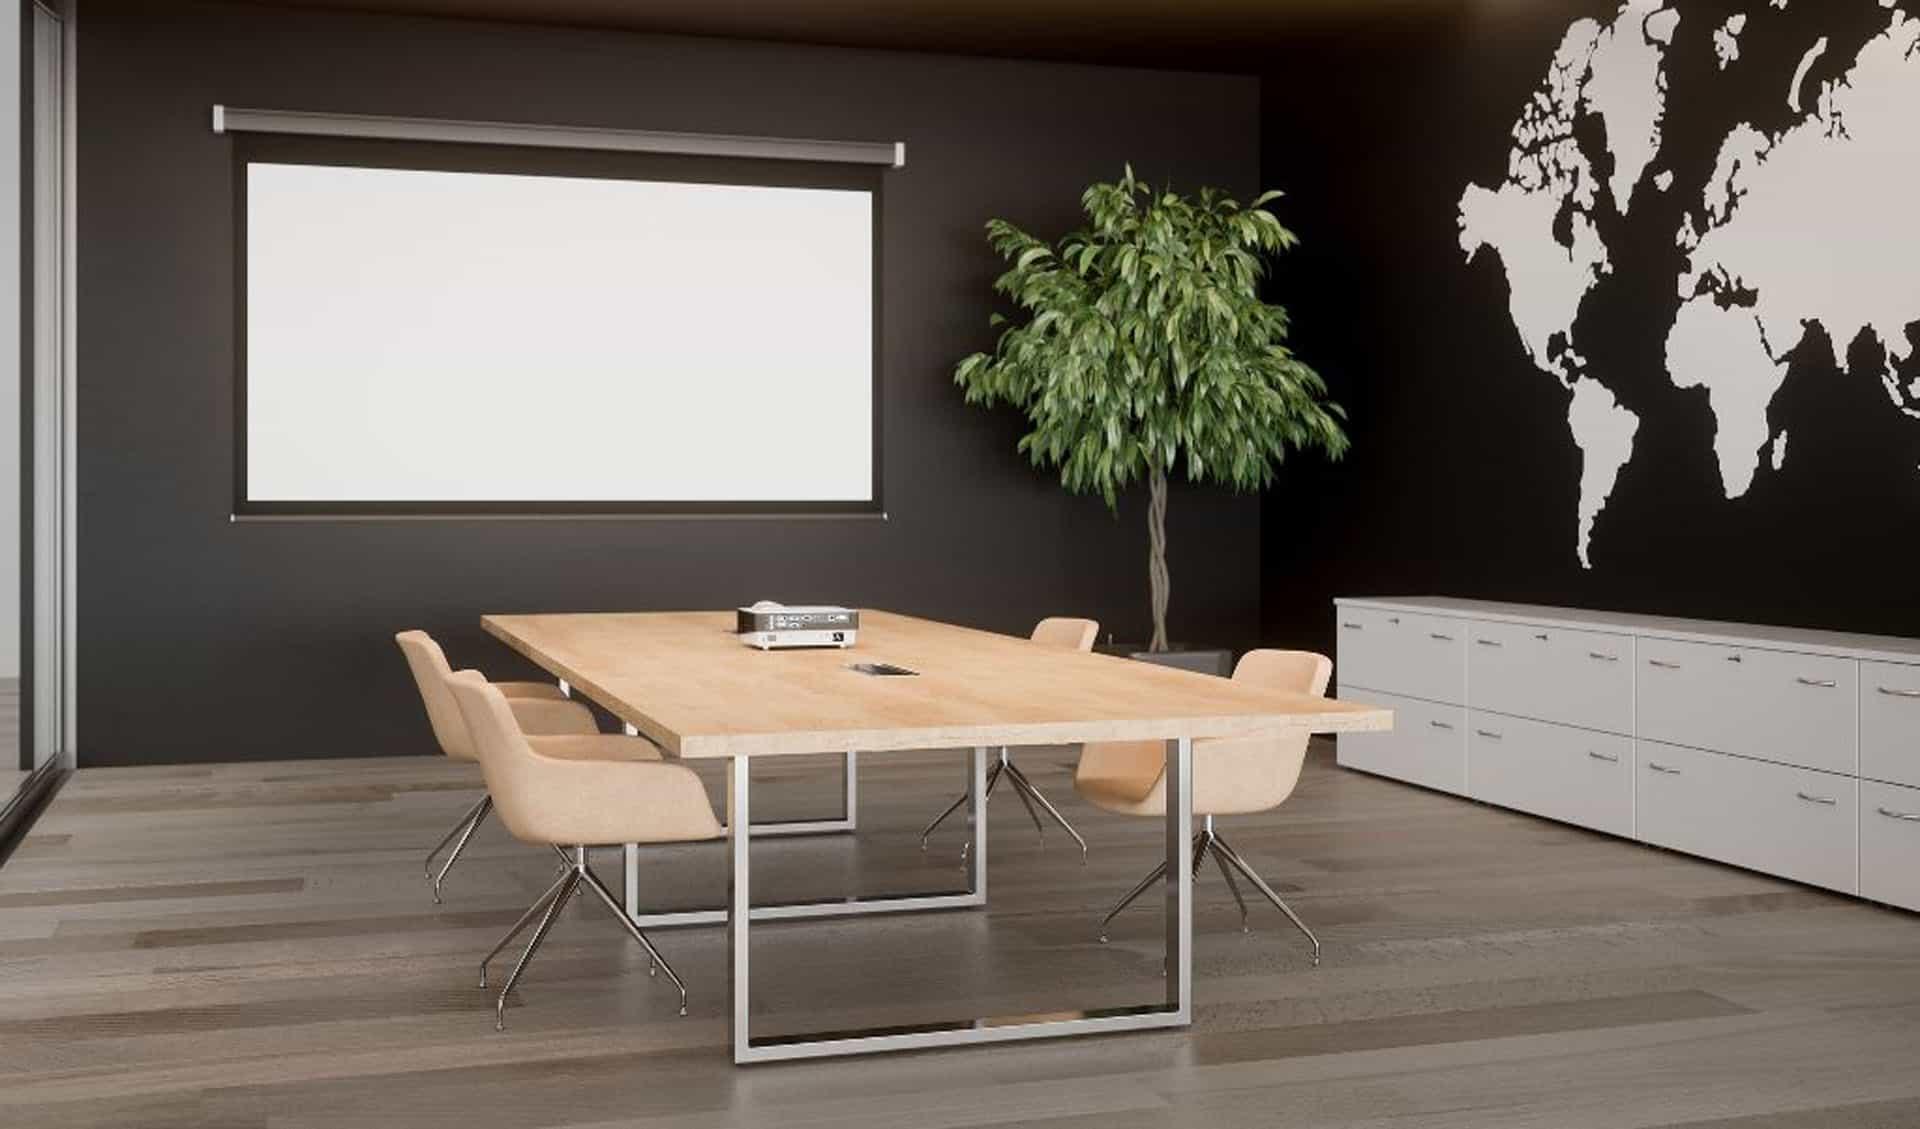 Mobilier de salle de réunion à Caen, Bayeux (Calvados -14) en Normandie - Buronomic Prestige